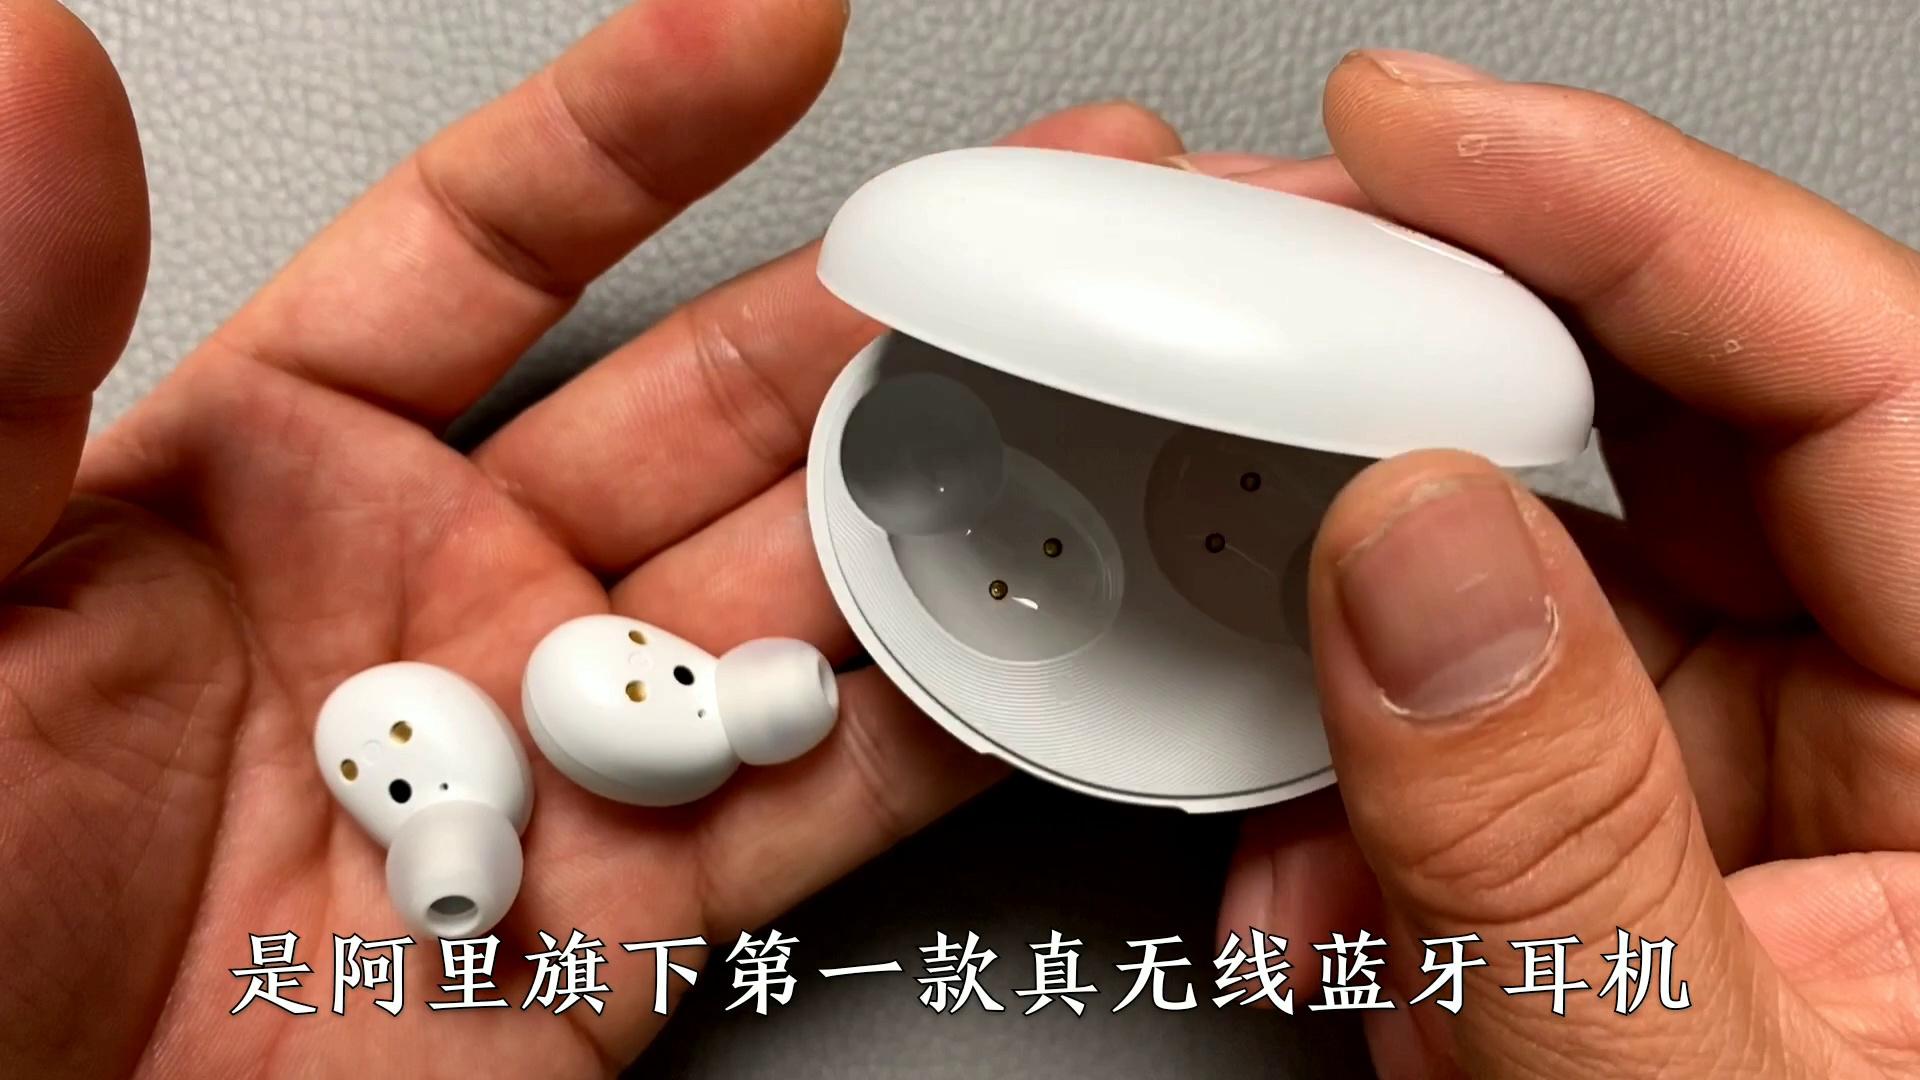 开箱阿里旗下第一款,真无线蓝牙耳机,能控制天猫精灵,199值吗